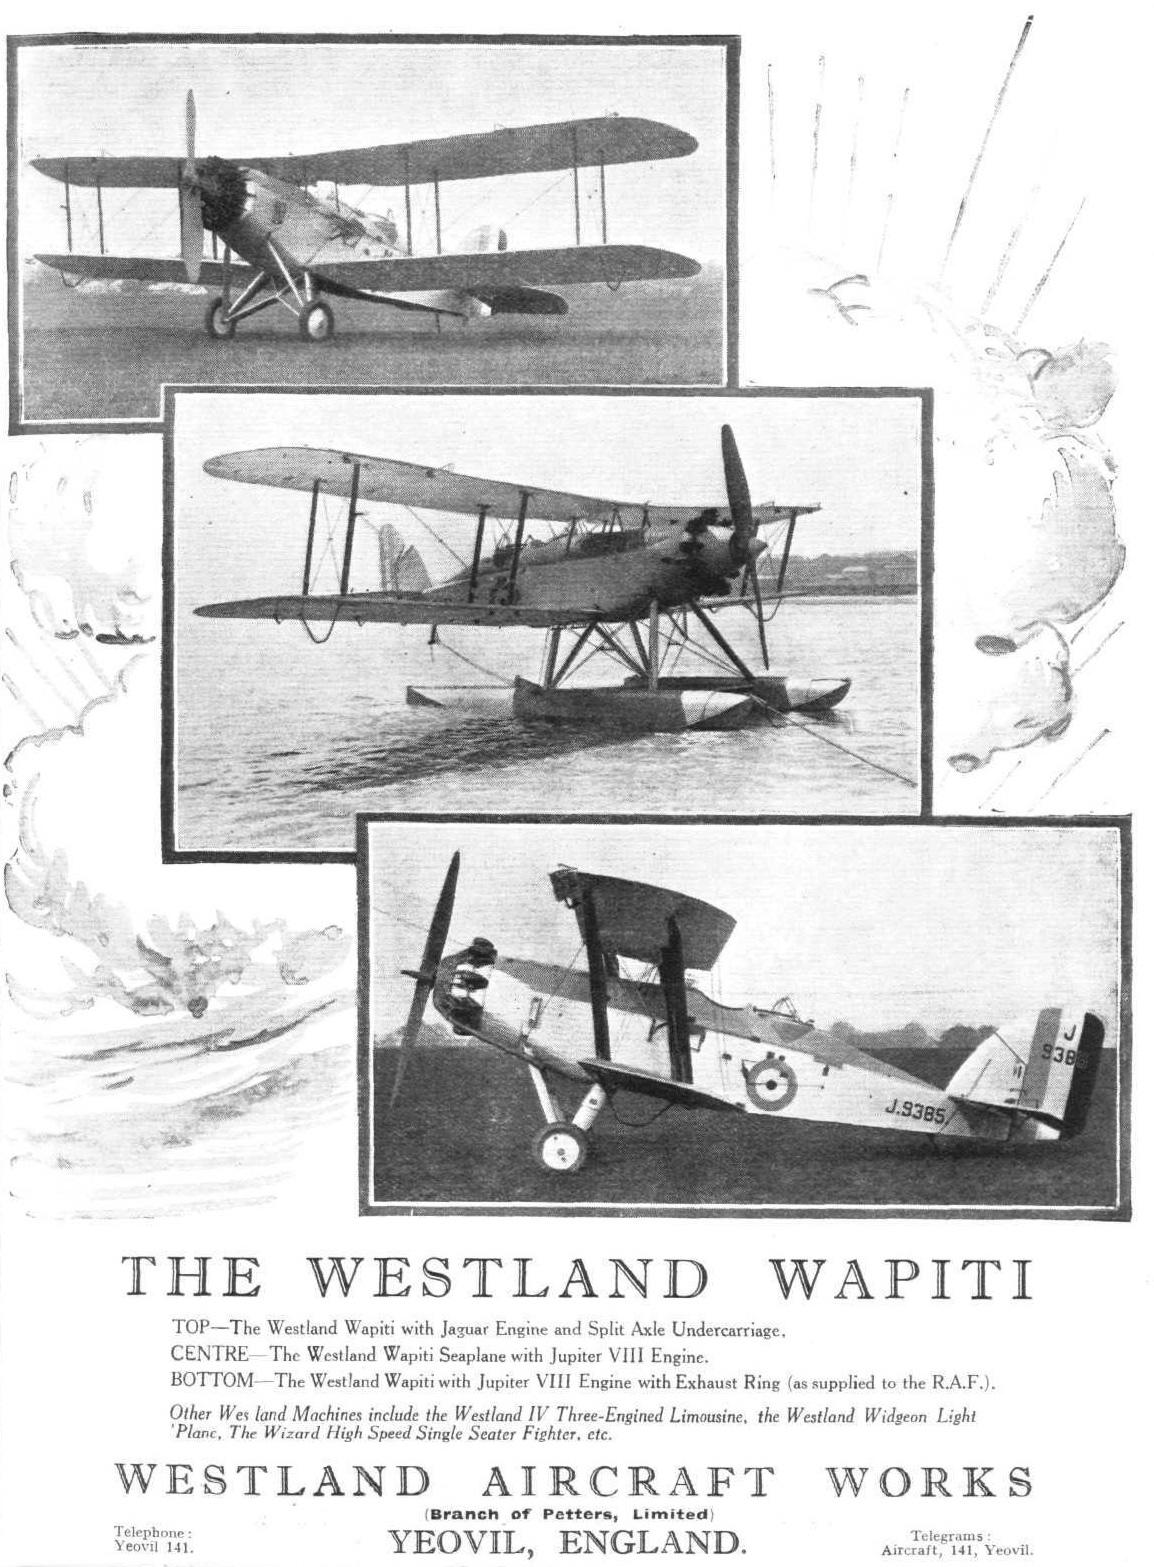 The Westland Wapiti